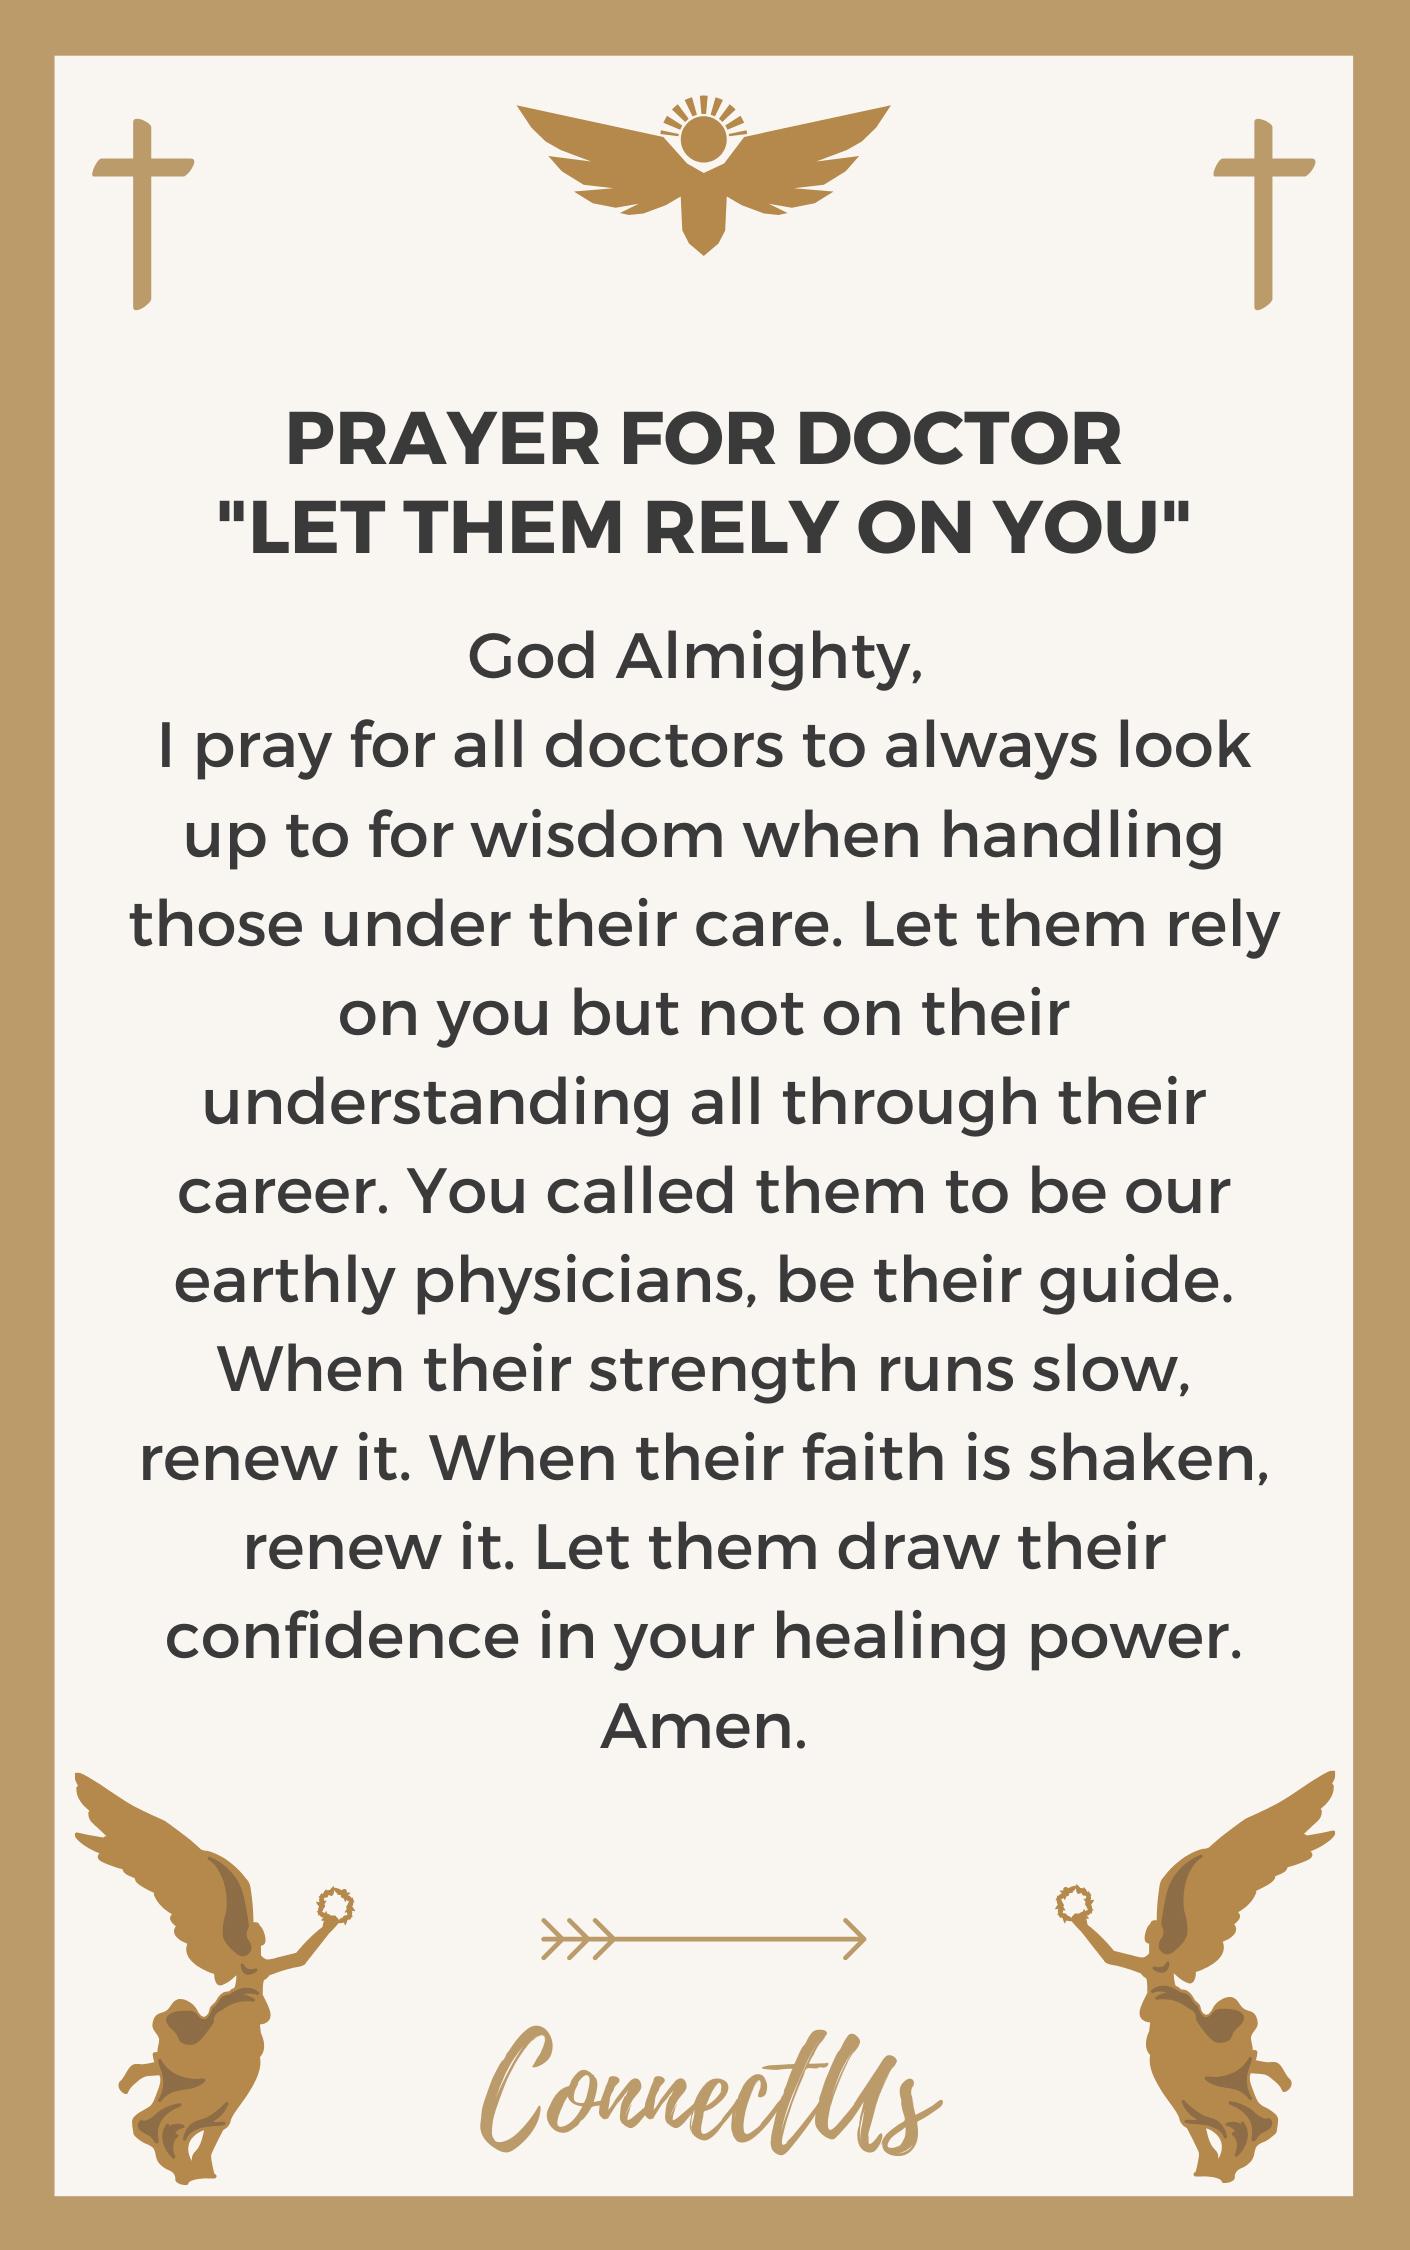 Prayer-for-Doctor-10